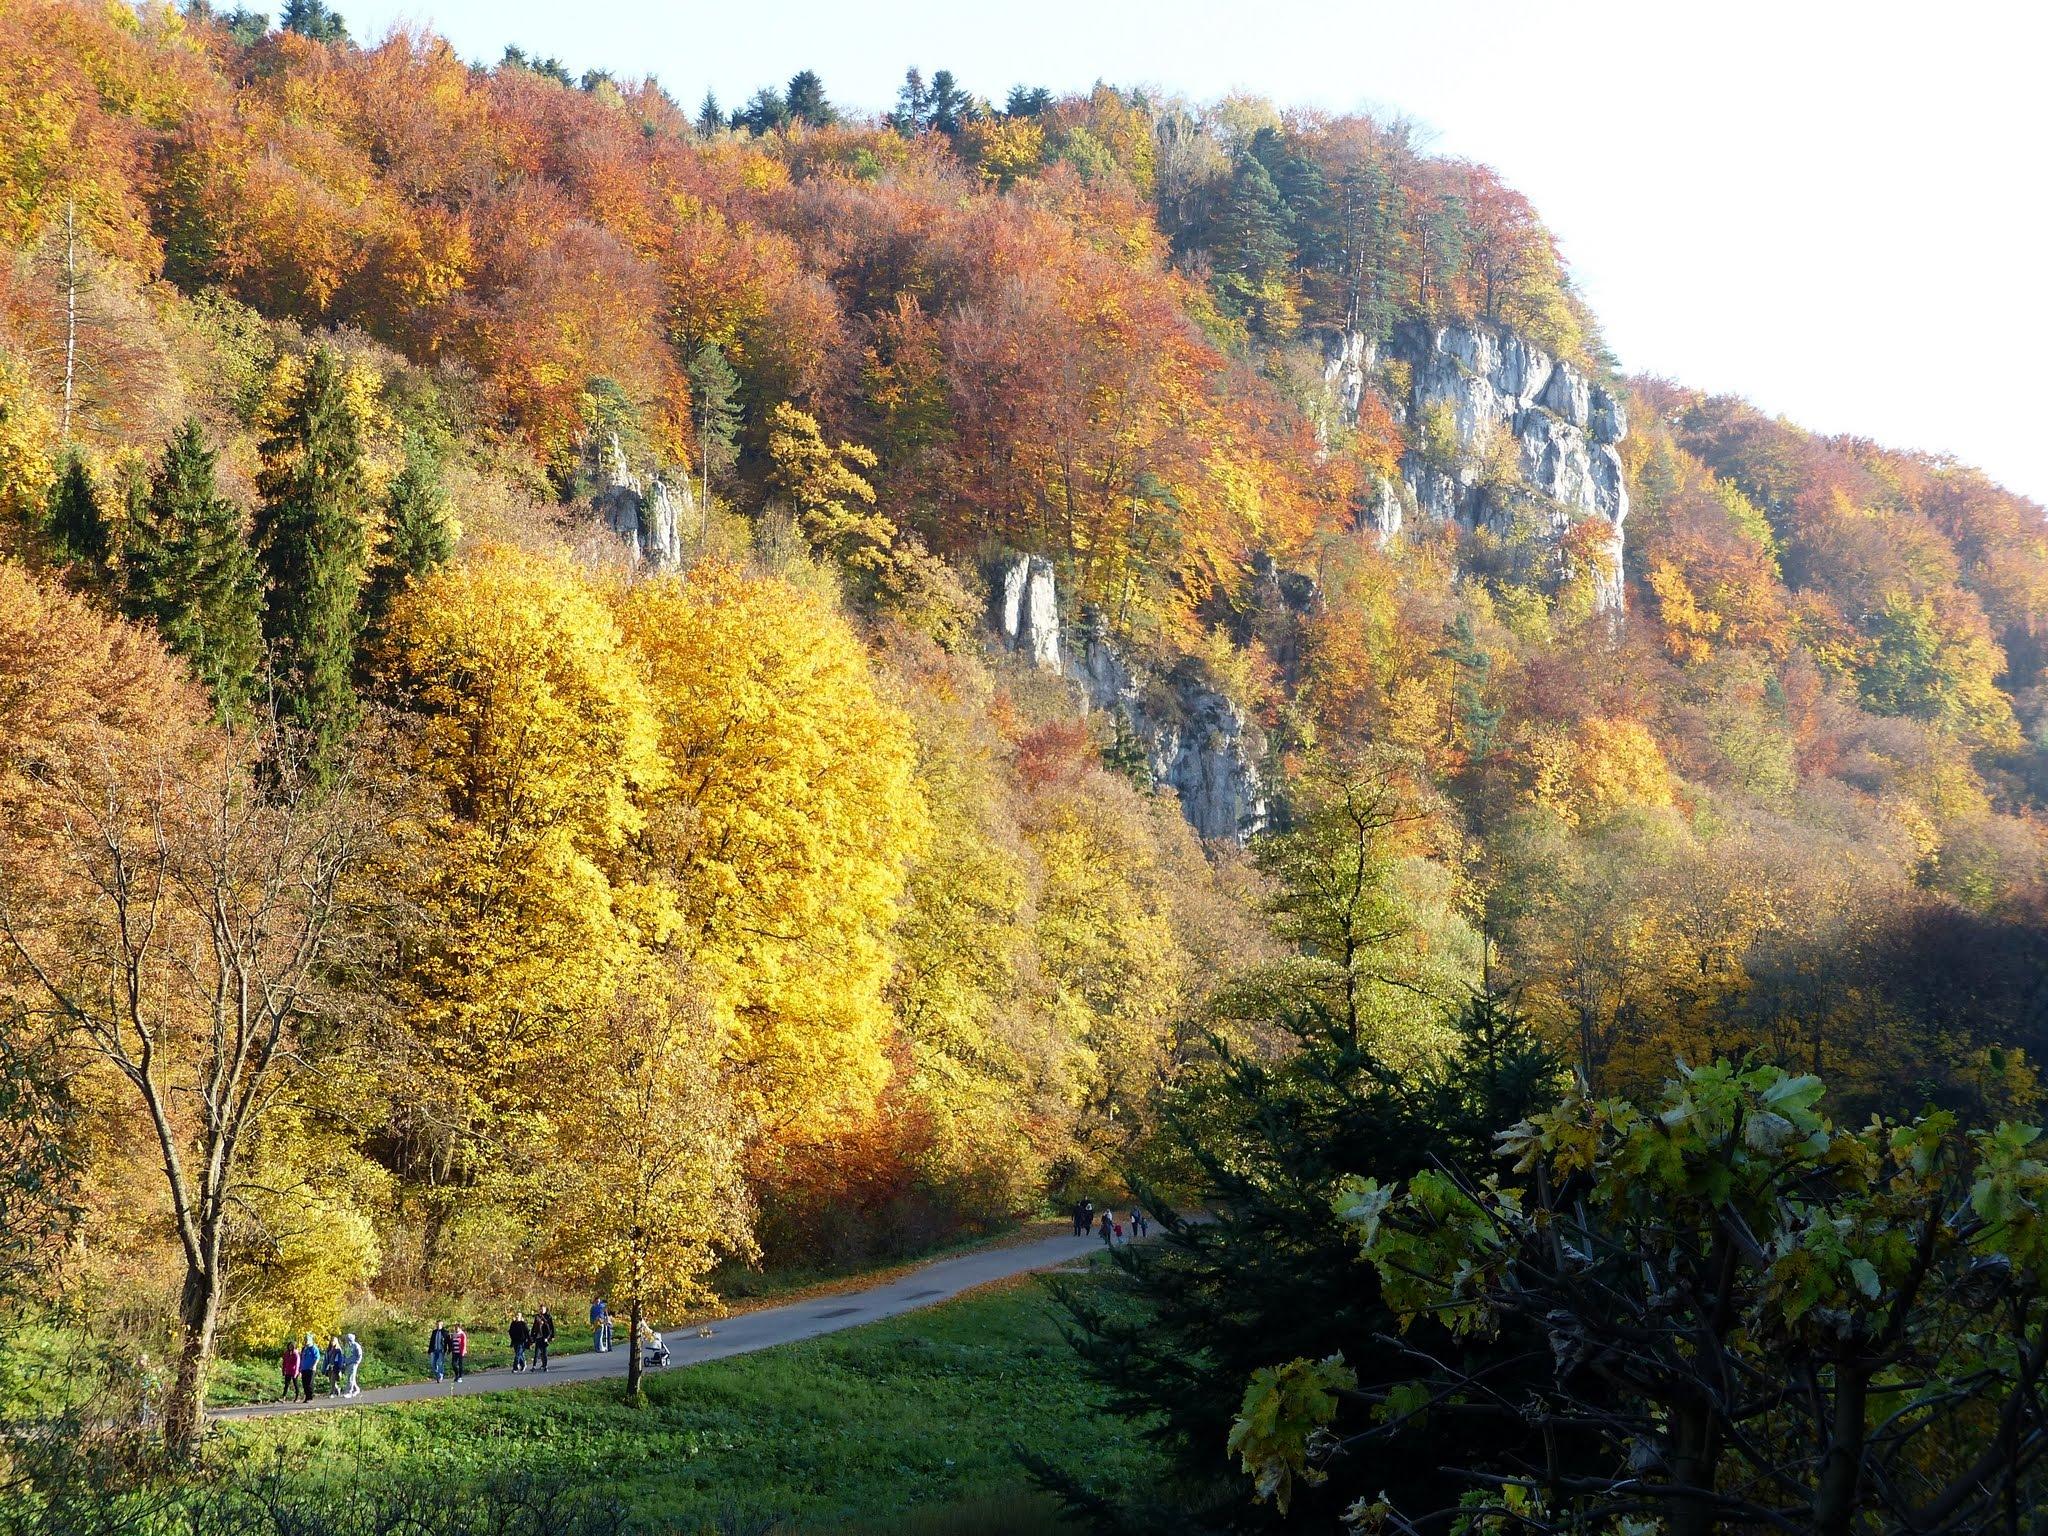 Ojcowski National Park, Poland 6 by emalfni